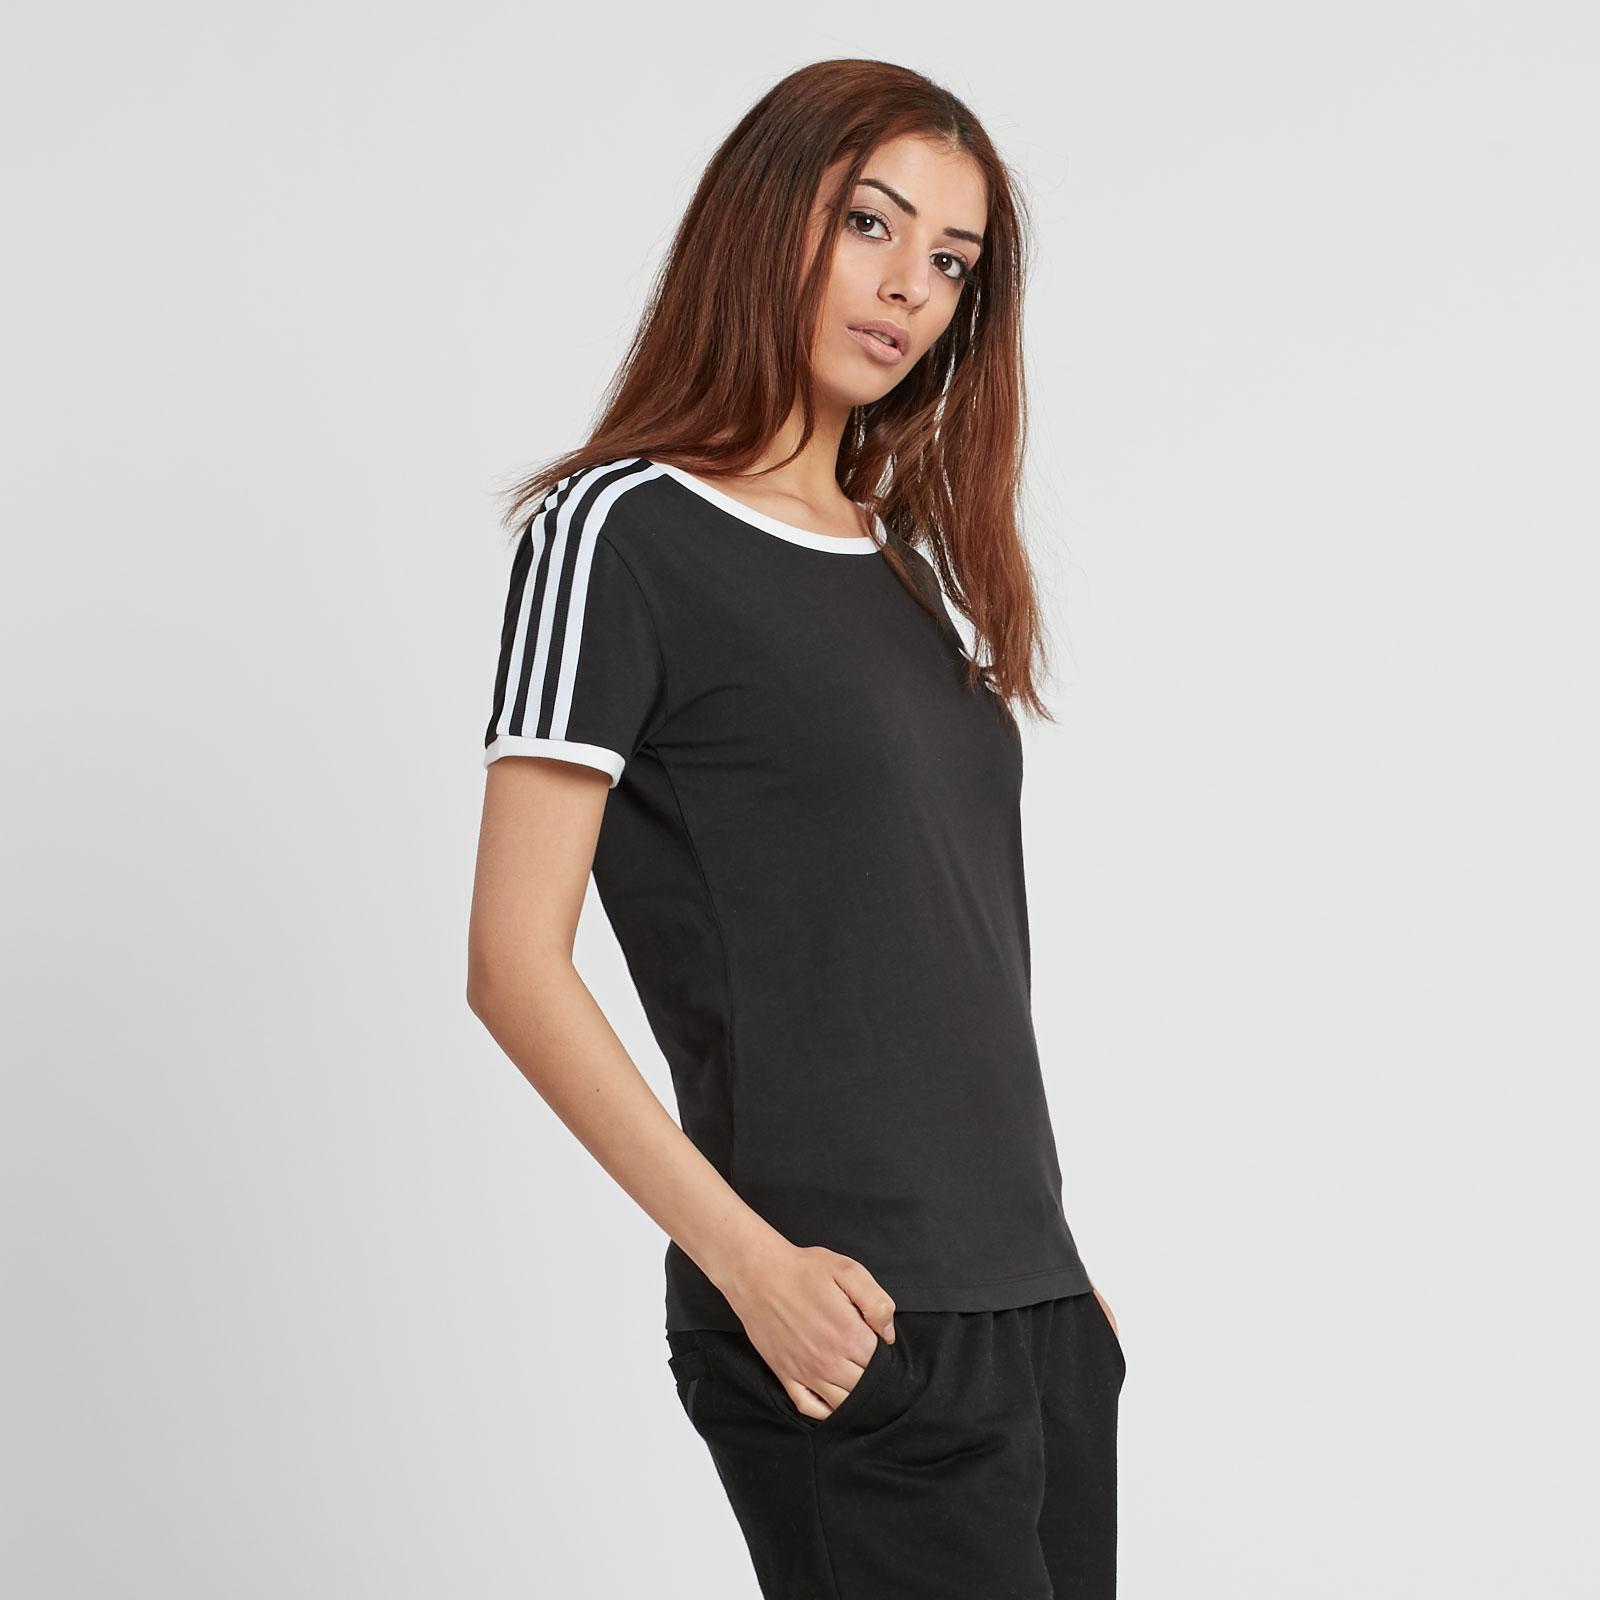 f22b44e902a adidas Sandra 1977 Tee - Bk7133 - Sneakersnstuff | sneakers & streetwear  online since 1999